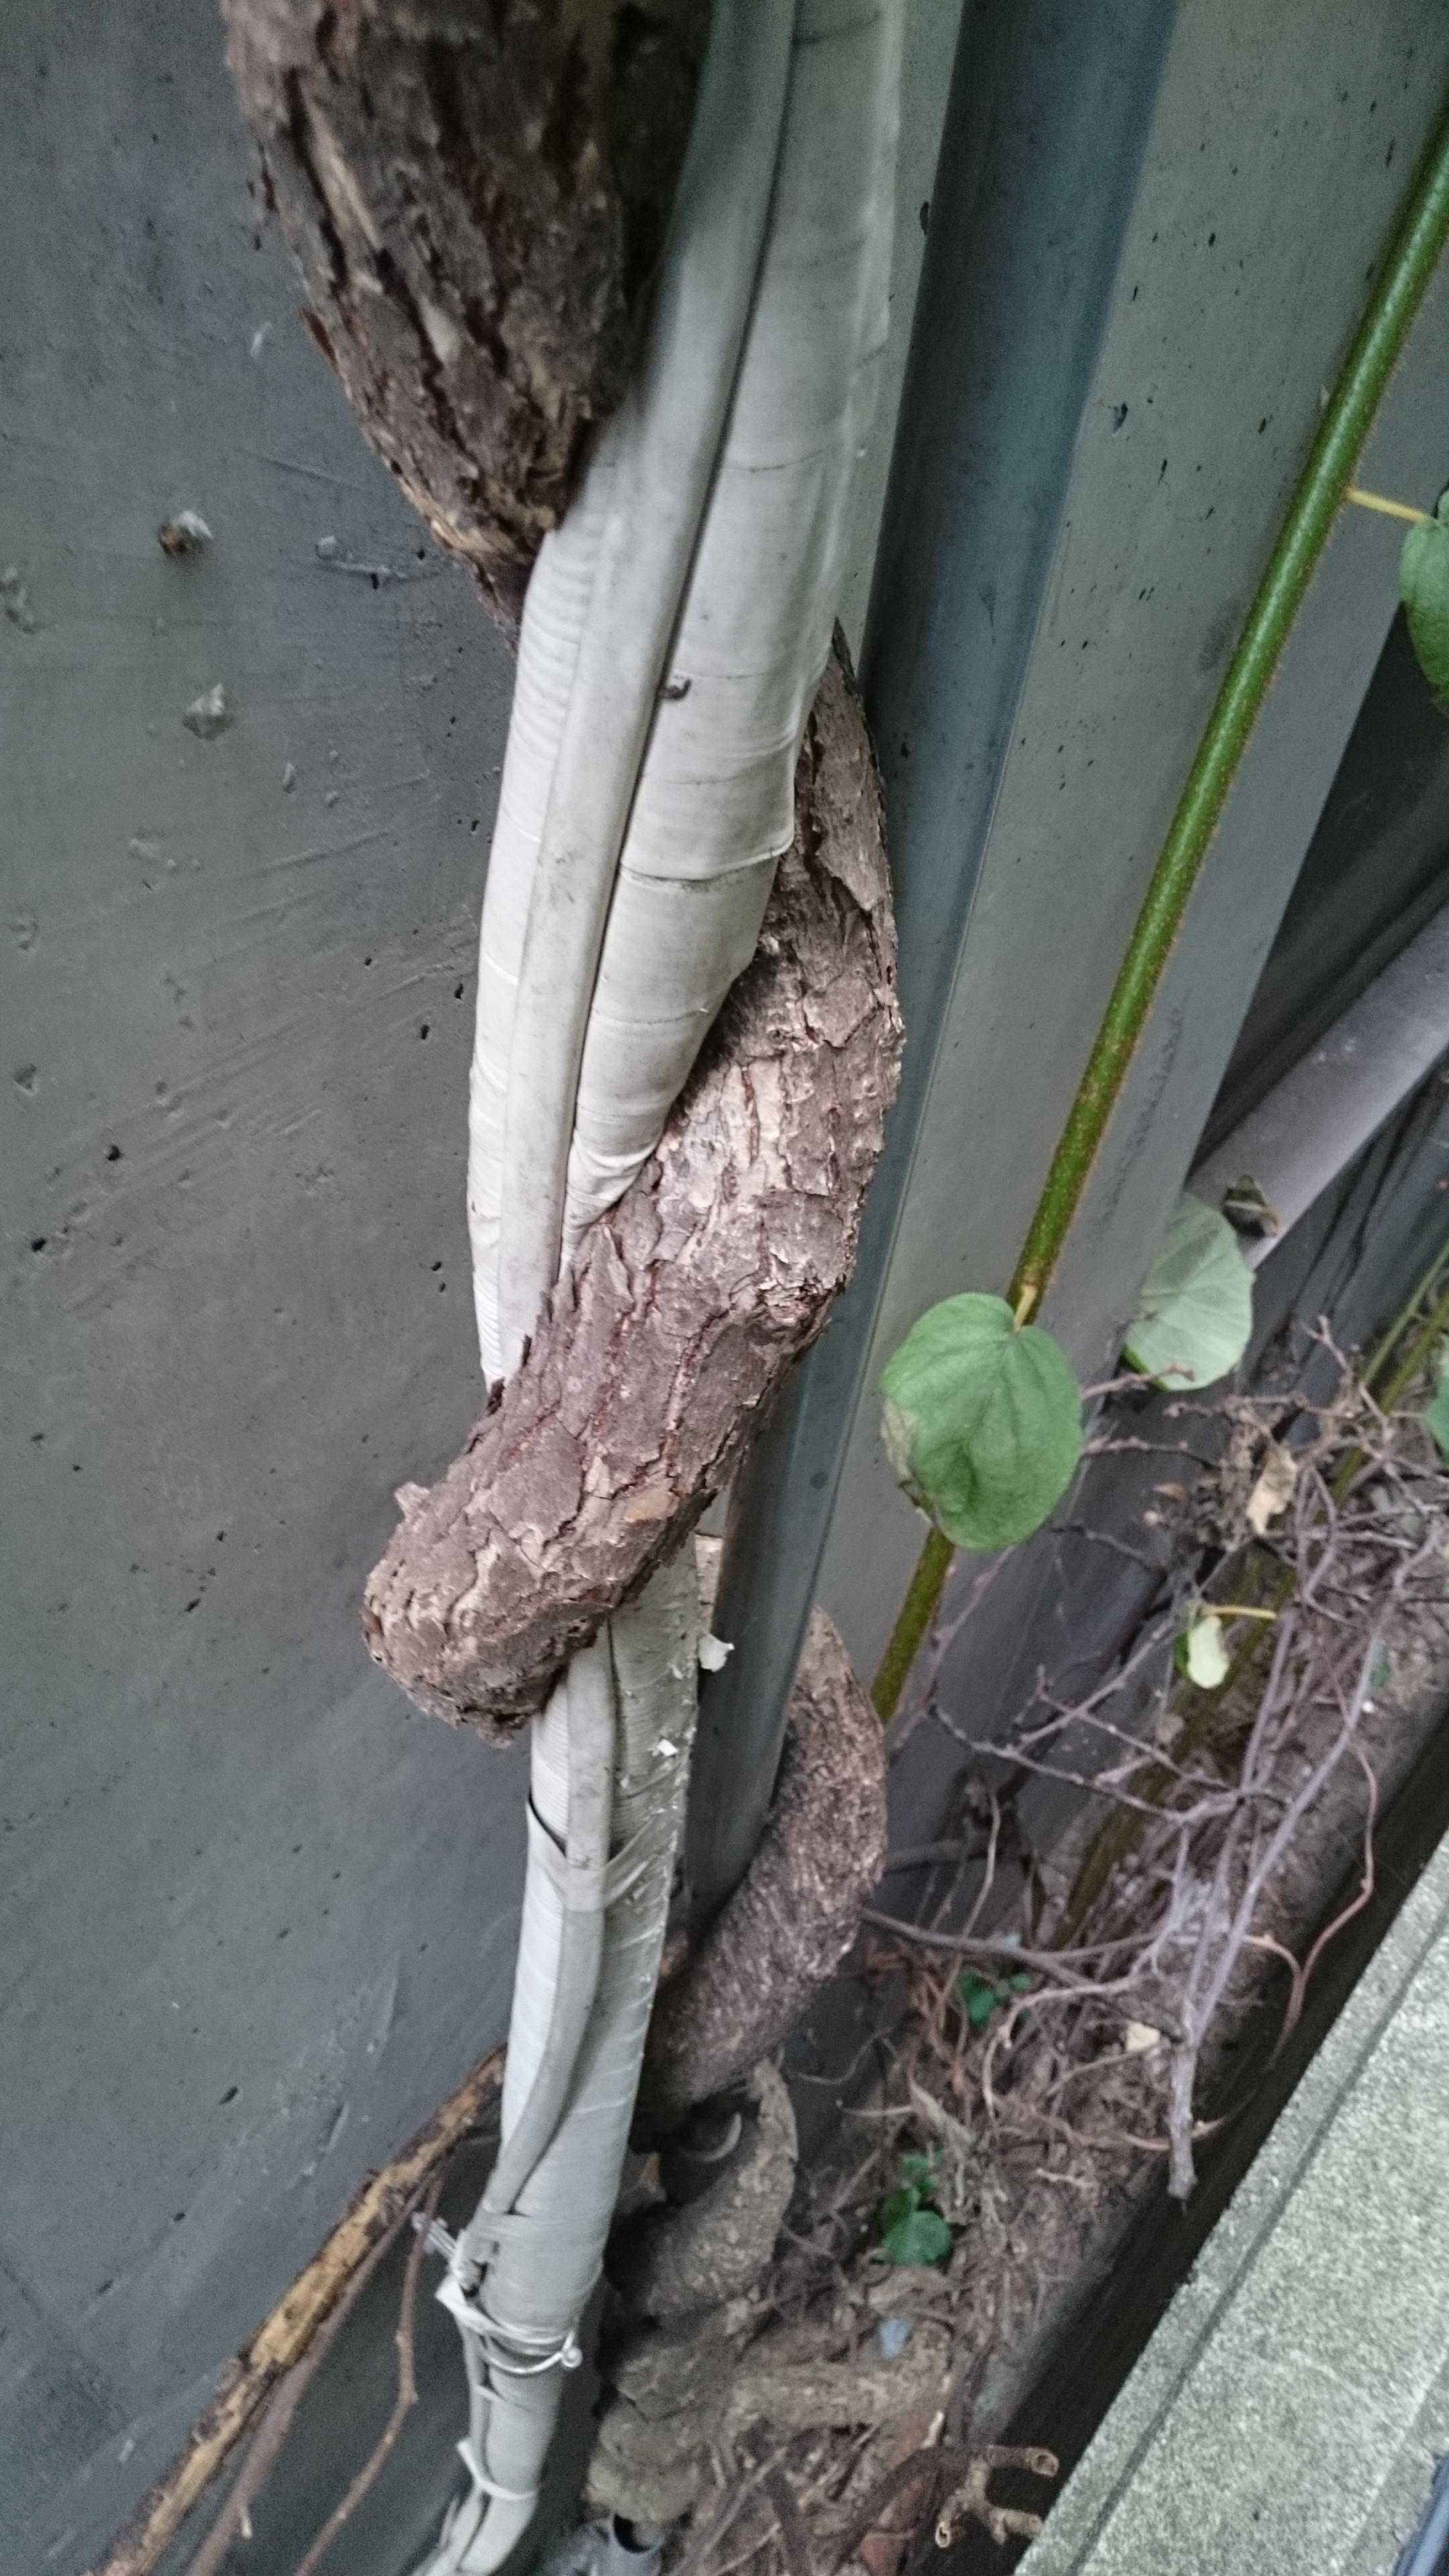 エアコンのホースにからみついて固着した蔓